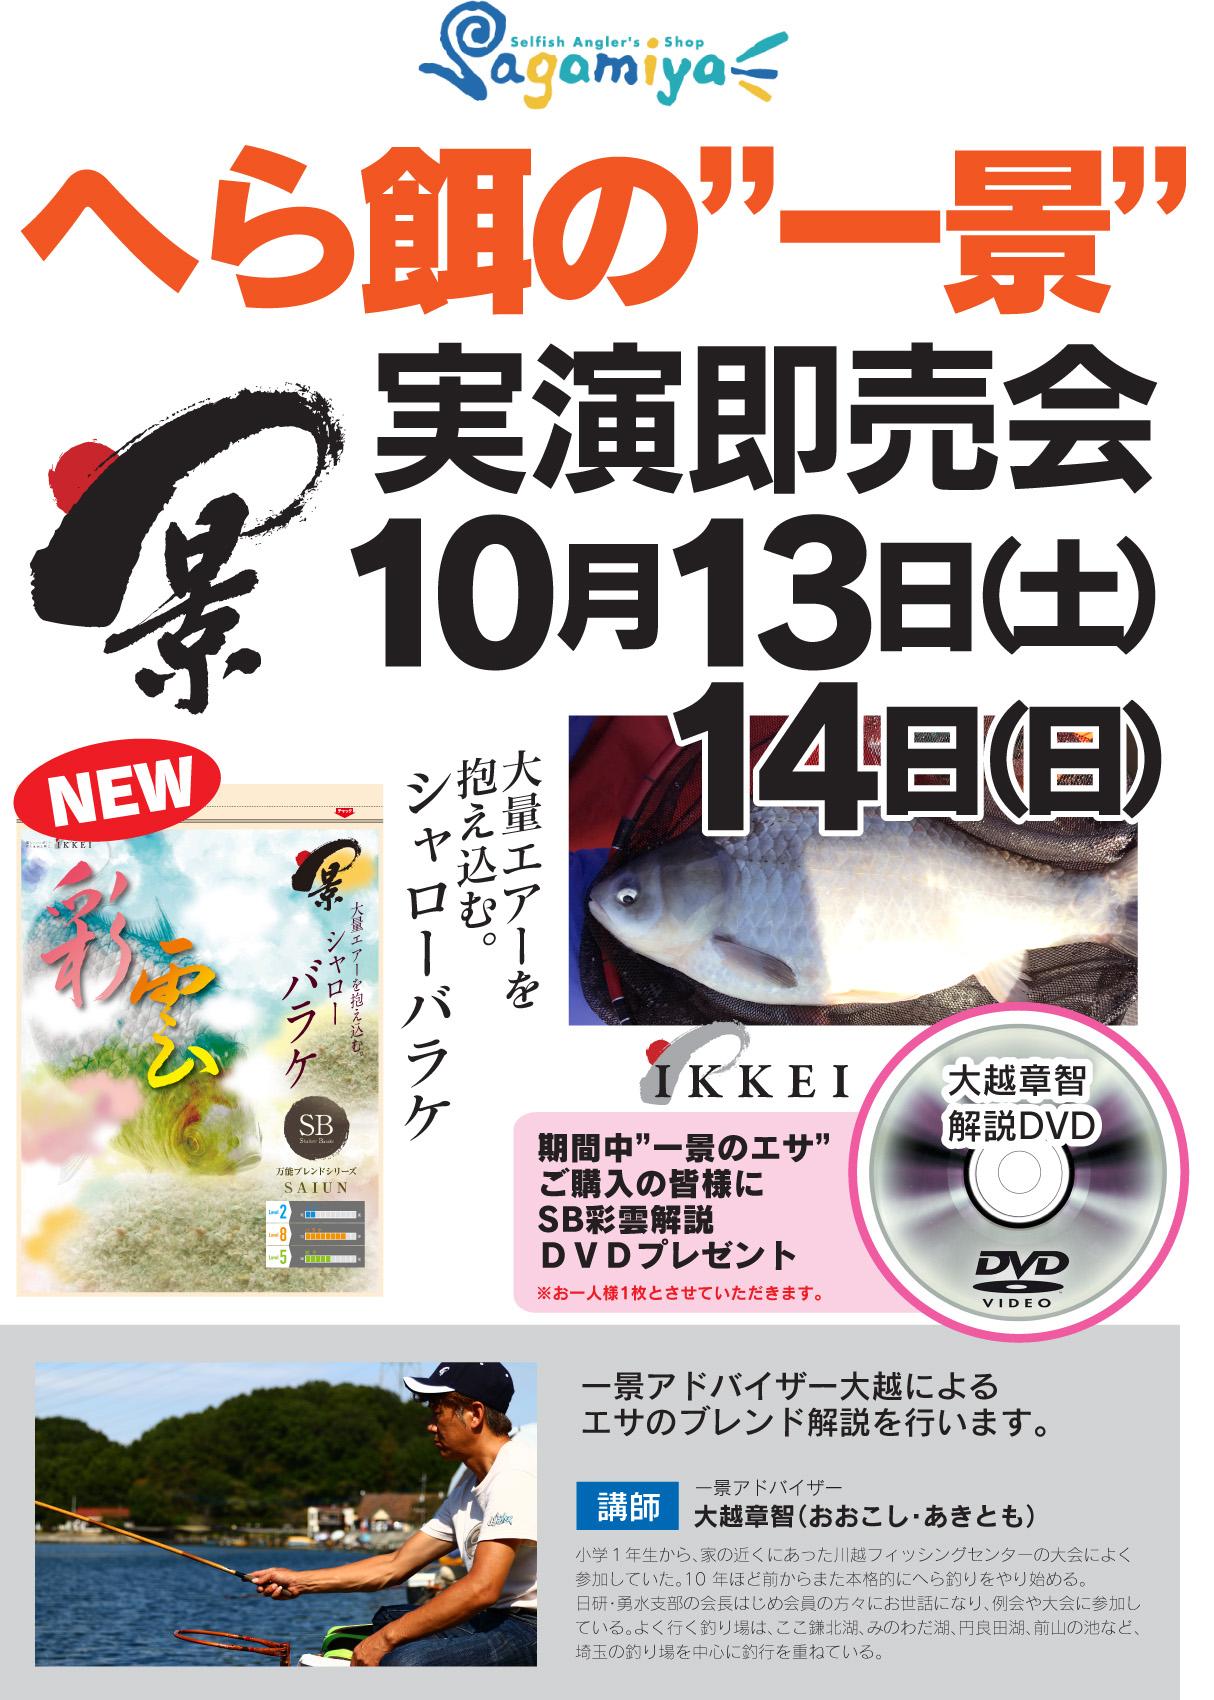 2018年10月13日(土)・14日(日)ヒロキュー ヘラエサ 商品説明会&実演販売会